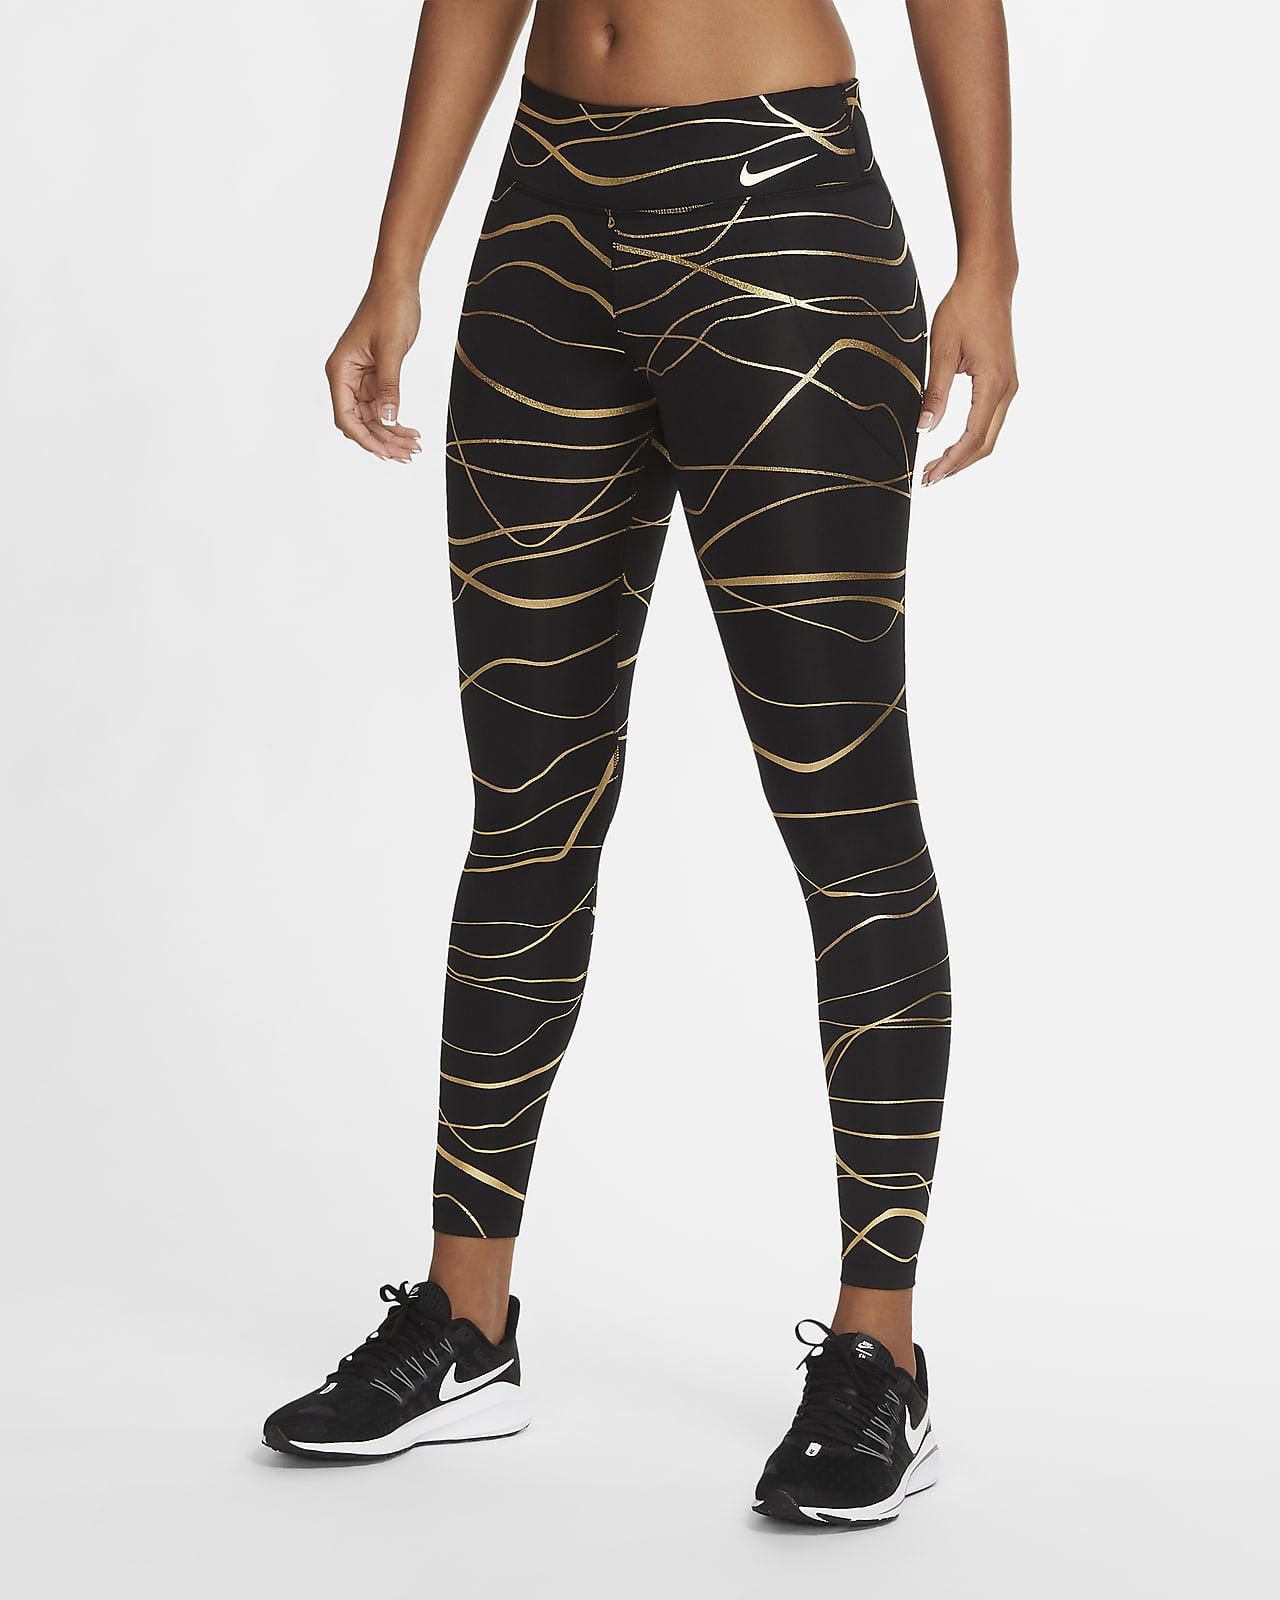 เลกกิ้งวิ่งเอวปานกลางผู้หญิง Nike Icon Clash Fast